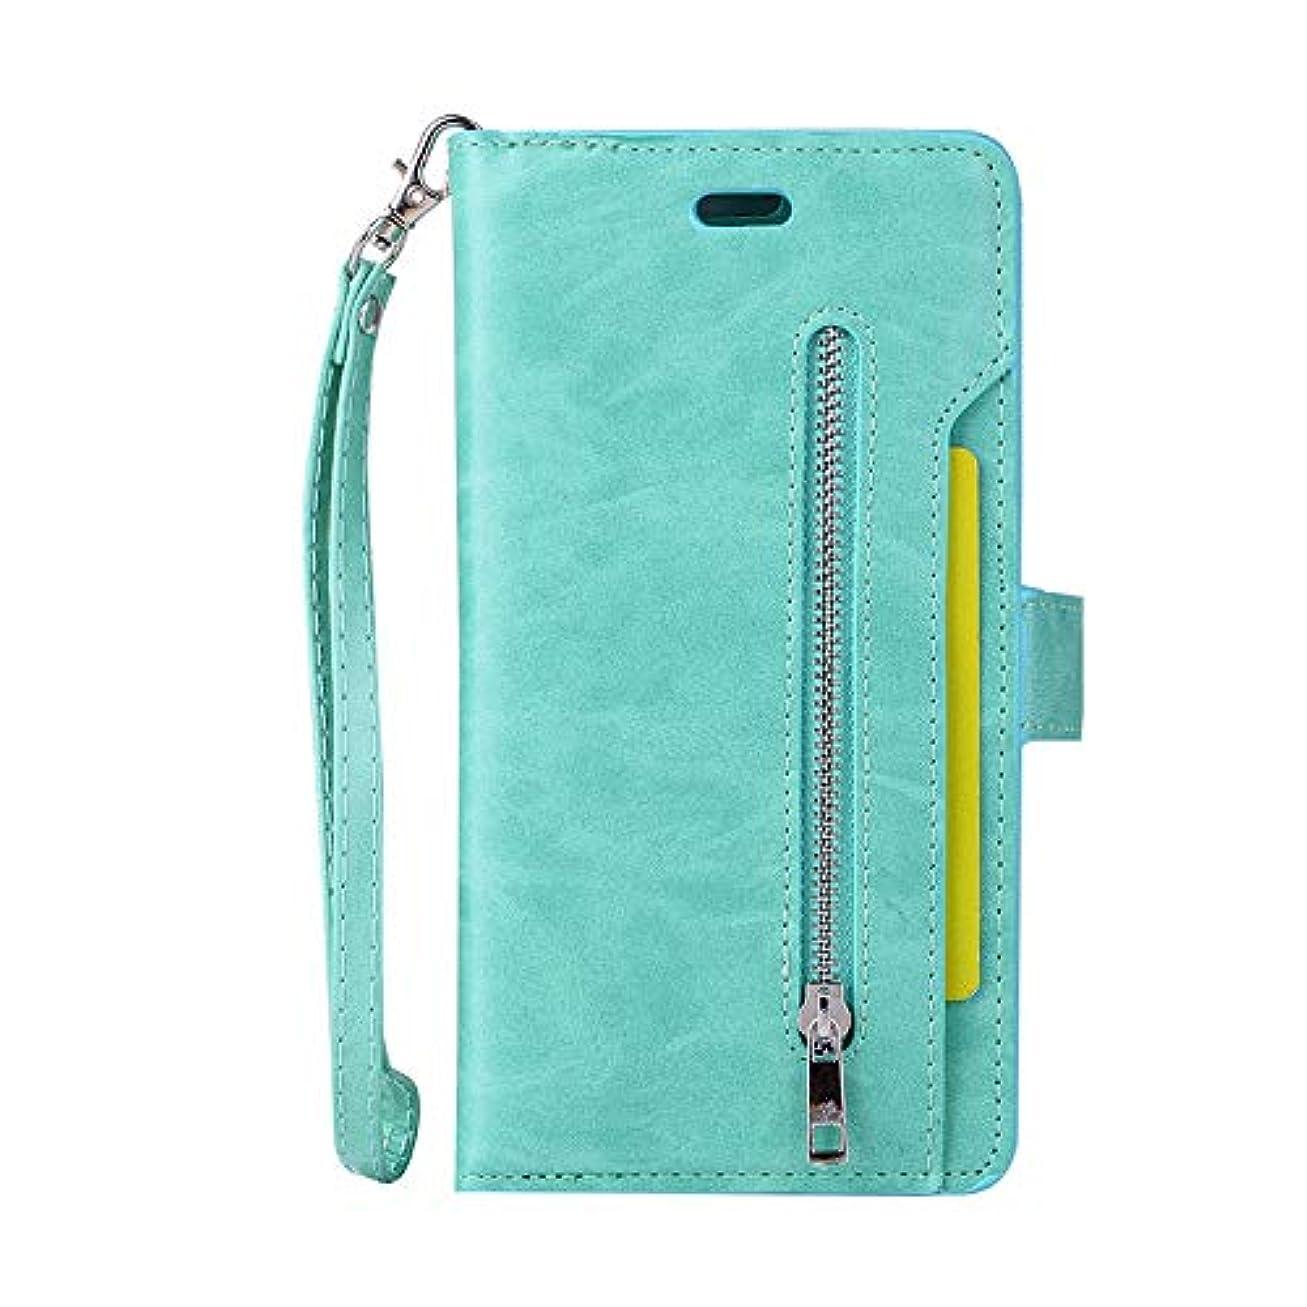 とてもきれいにうまくいけばスマホケース Iphone 7 Plus カード収納、SIMPLE DO マグネット式吸着 分離式 全面クリア スタンド機能 男子 メンズ 高品質 ビジネス用 通勤 通学 おしゃれ(グリーン)